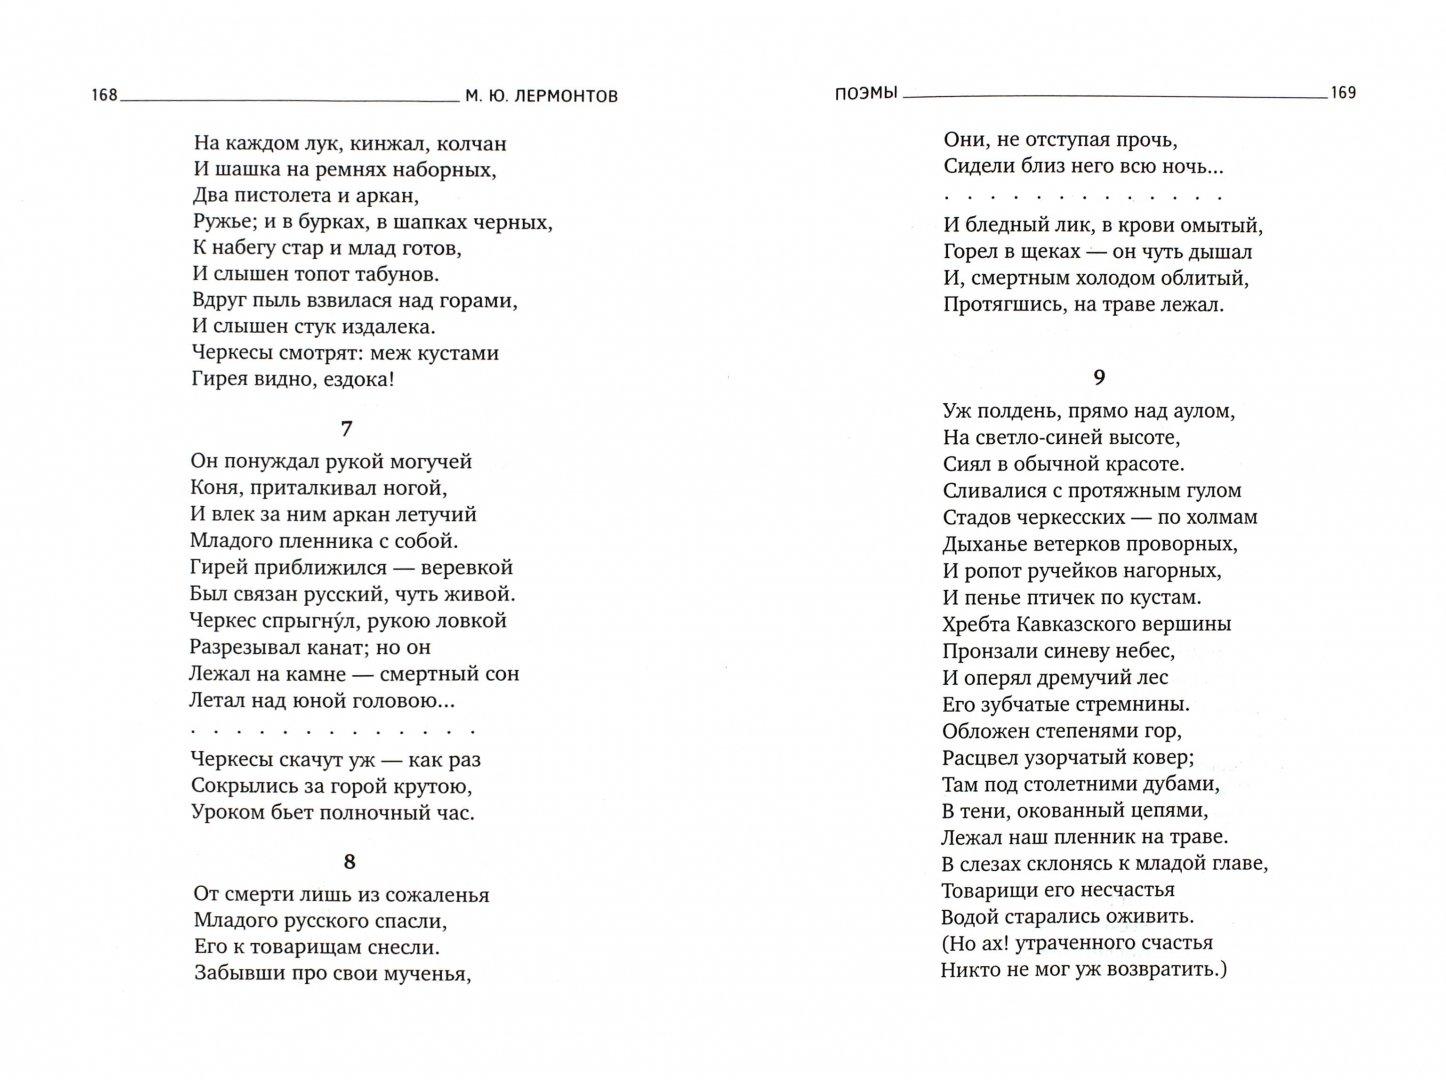 Иллюстрация 1 из 8 для Бородино. Стихотворения. Поэмы - Михаил Лермонтов | Лабиринт - книги. Источник: Лабиринт